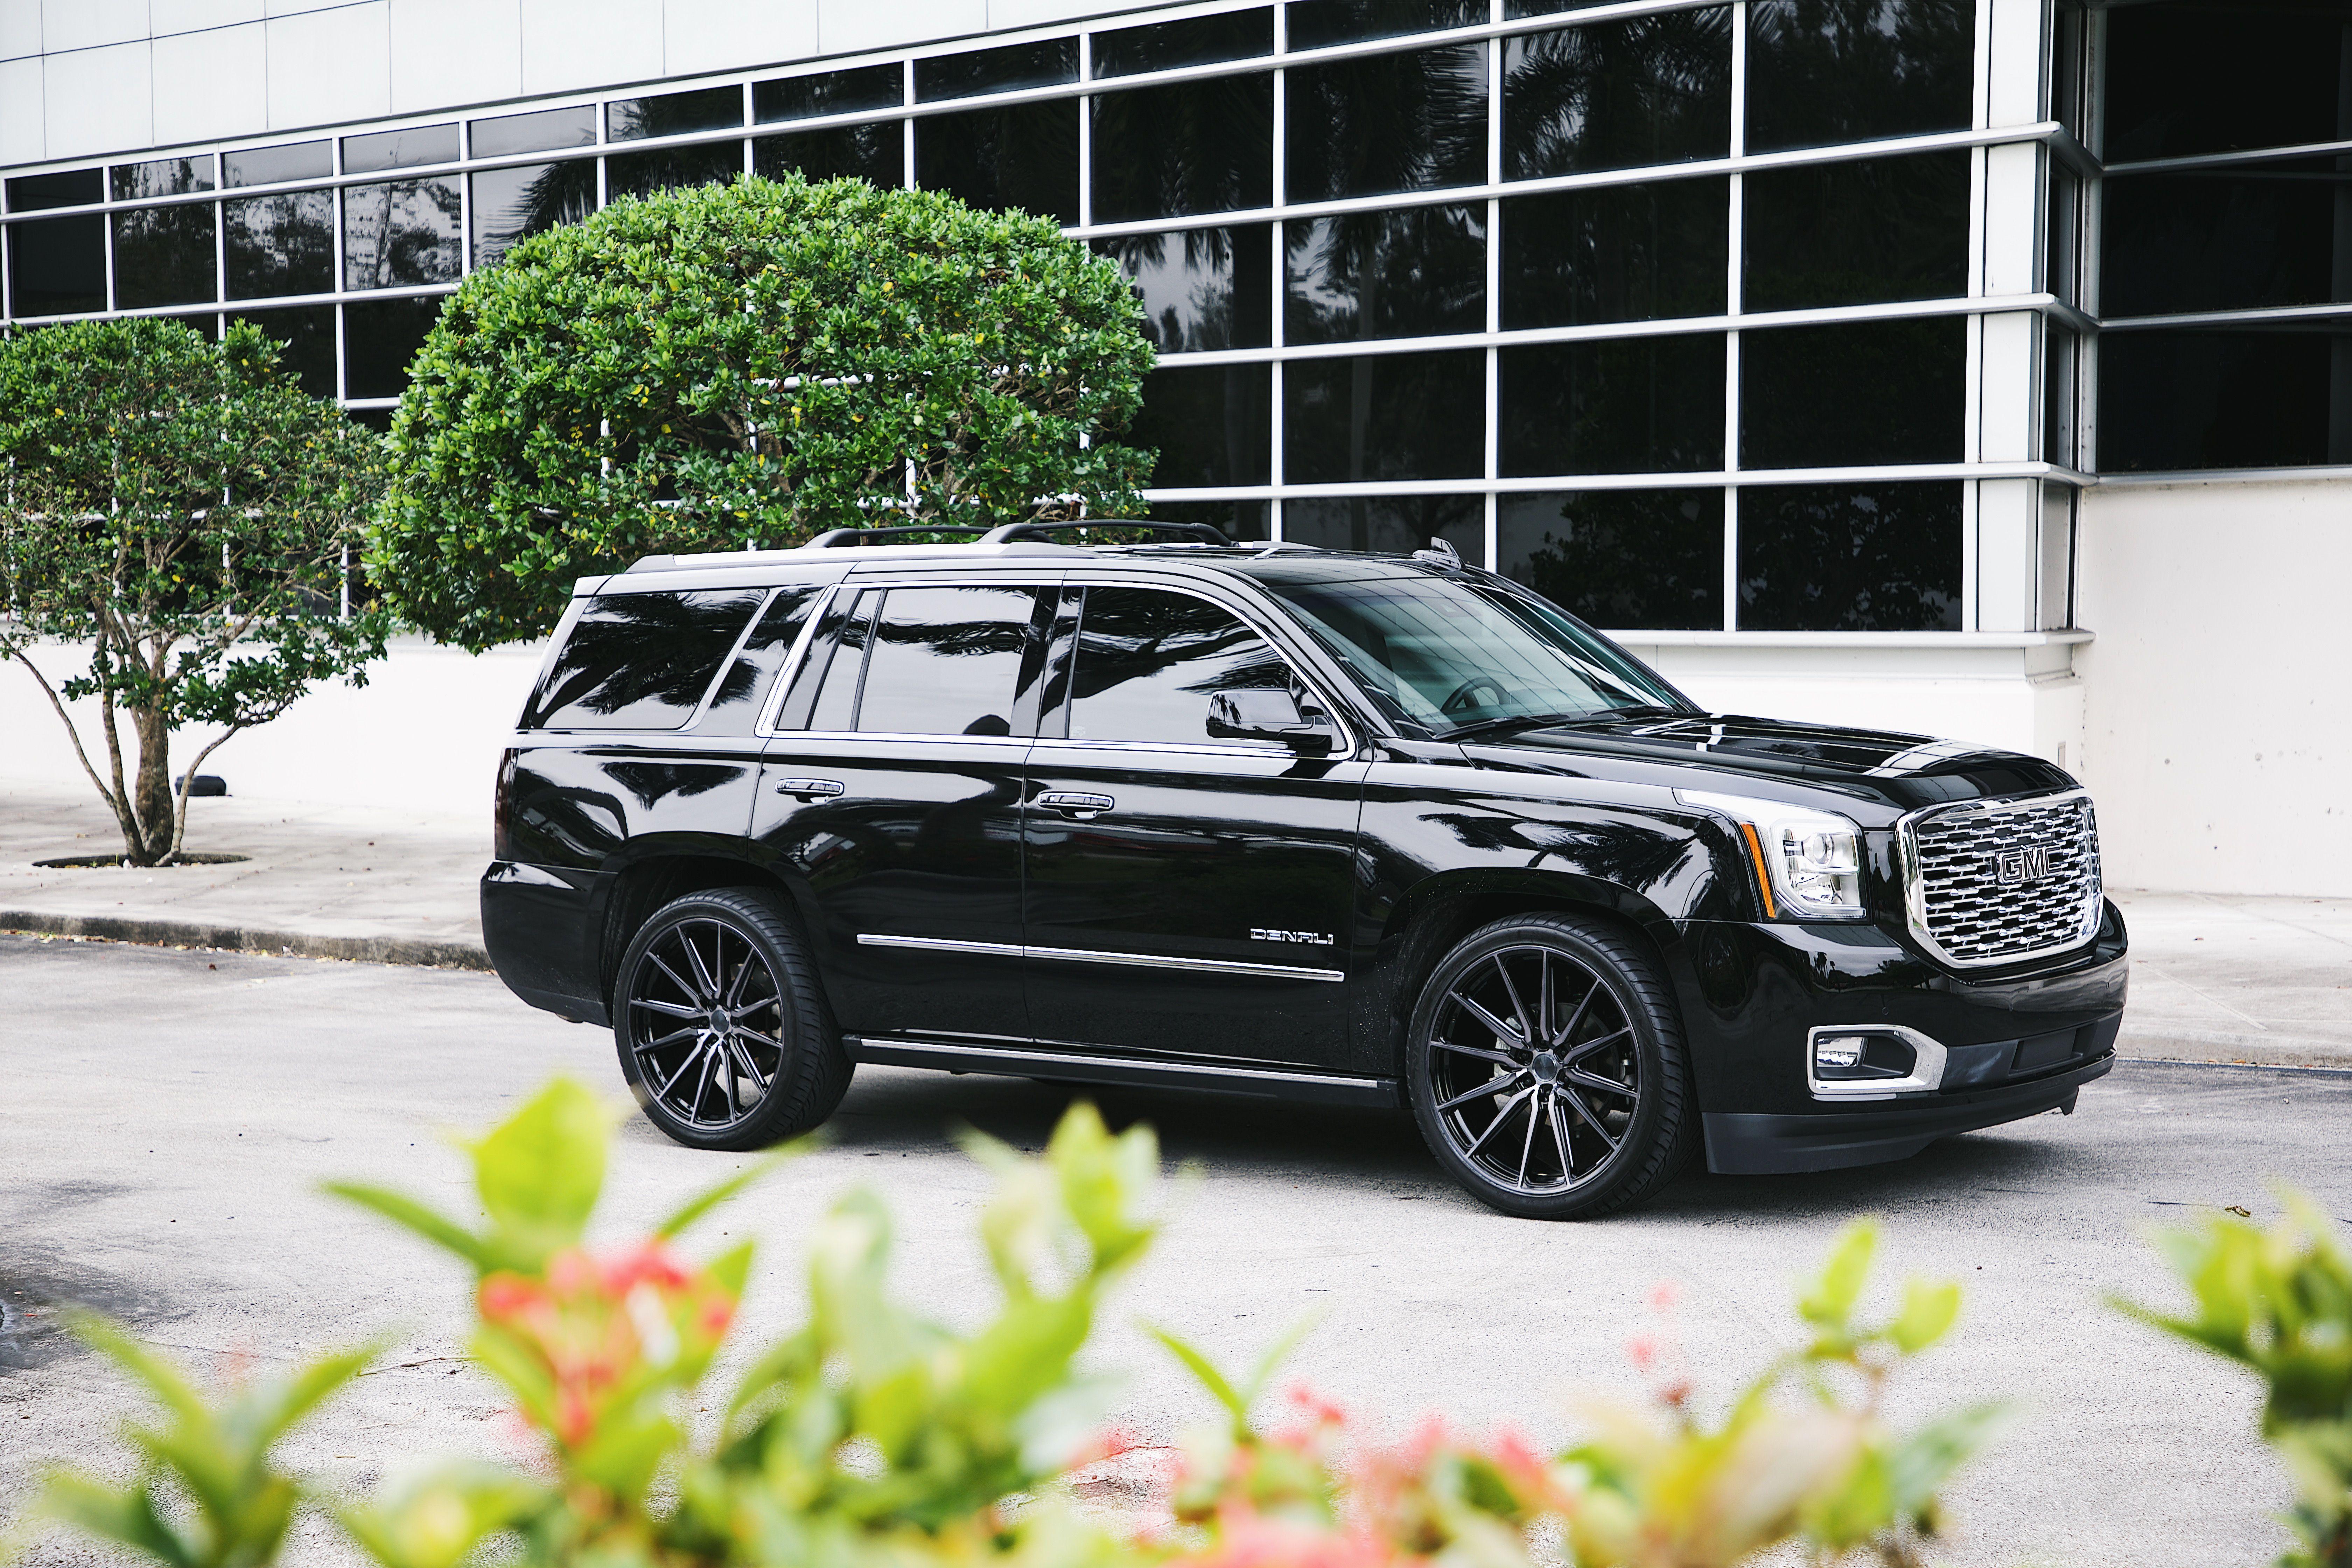 Gmc Yukon Denali Exclusive Motoring Miami Exclusive Motoring